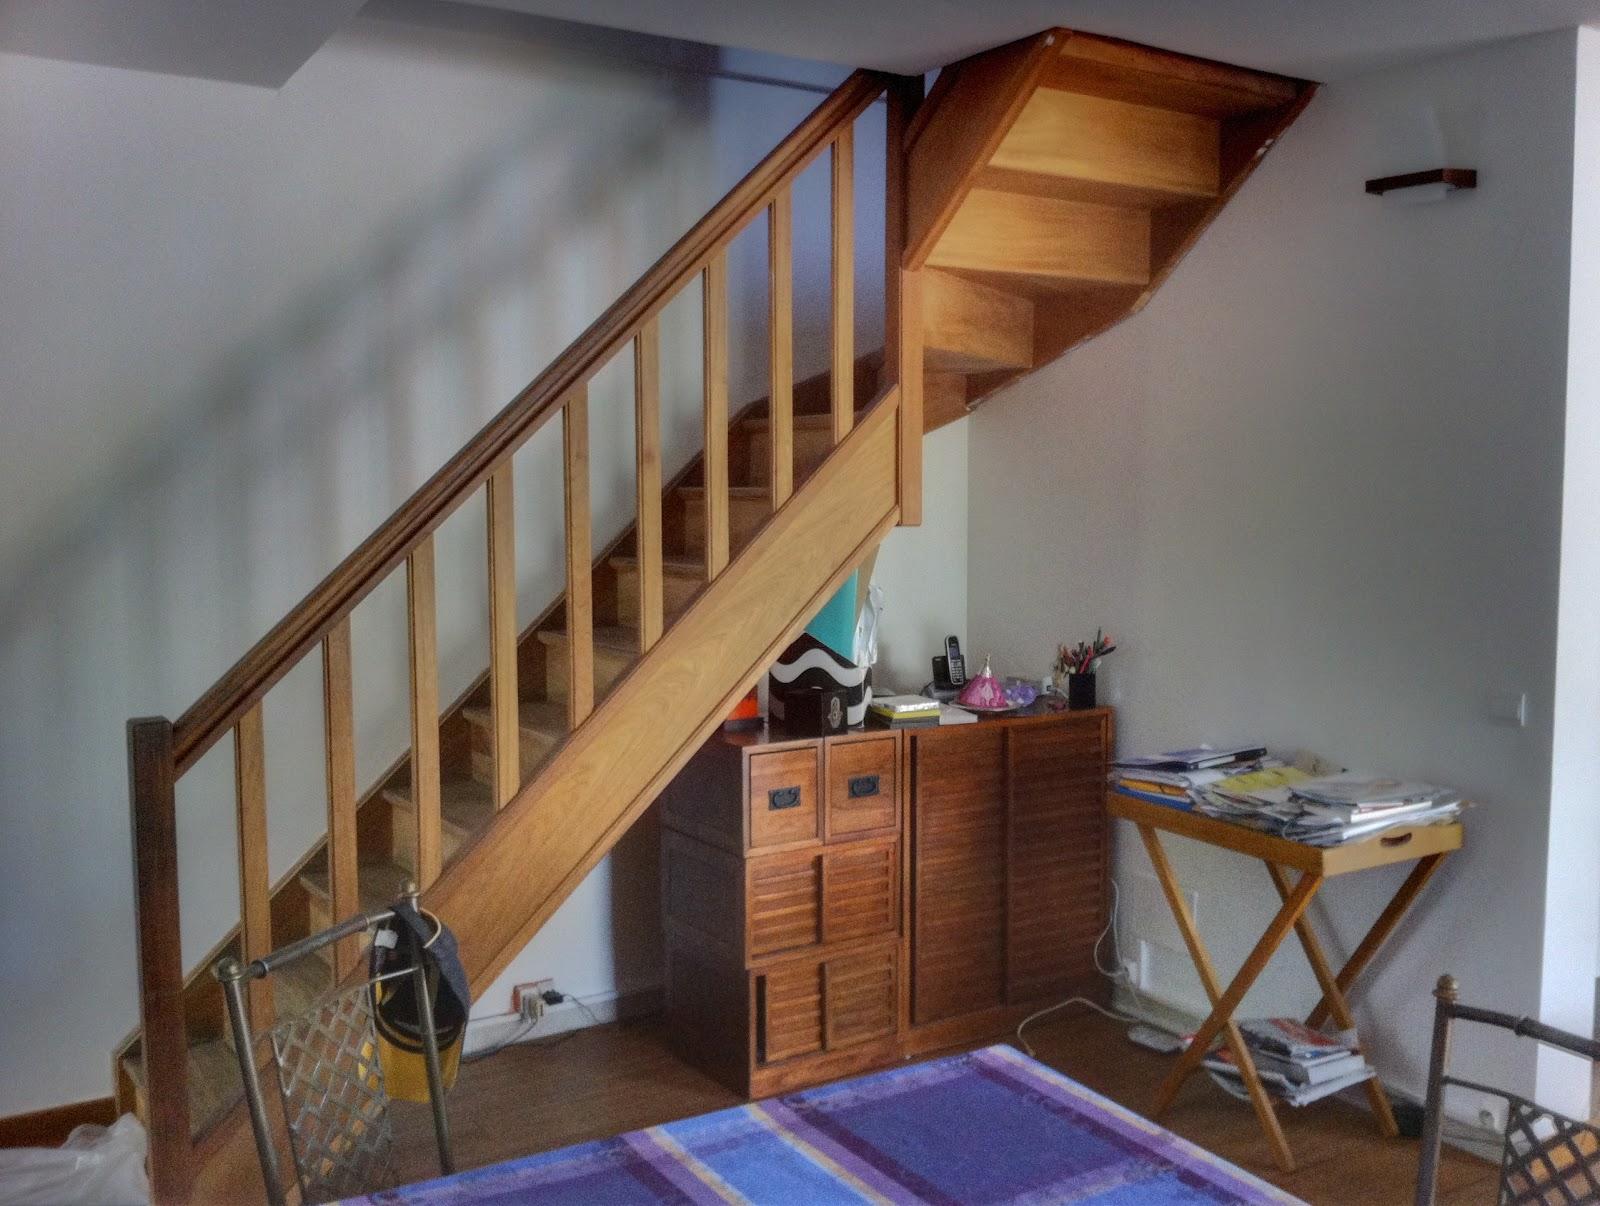 Creer Un Meuble Sous Escalier lhommeatoutfaire rénovation intérieure: agencement intérieur